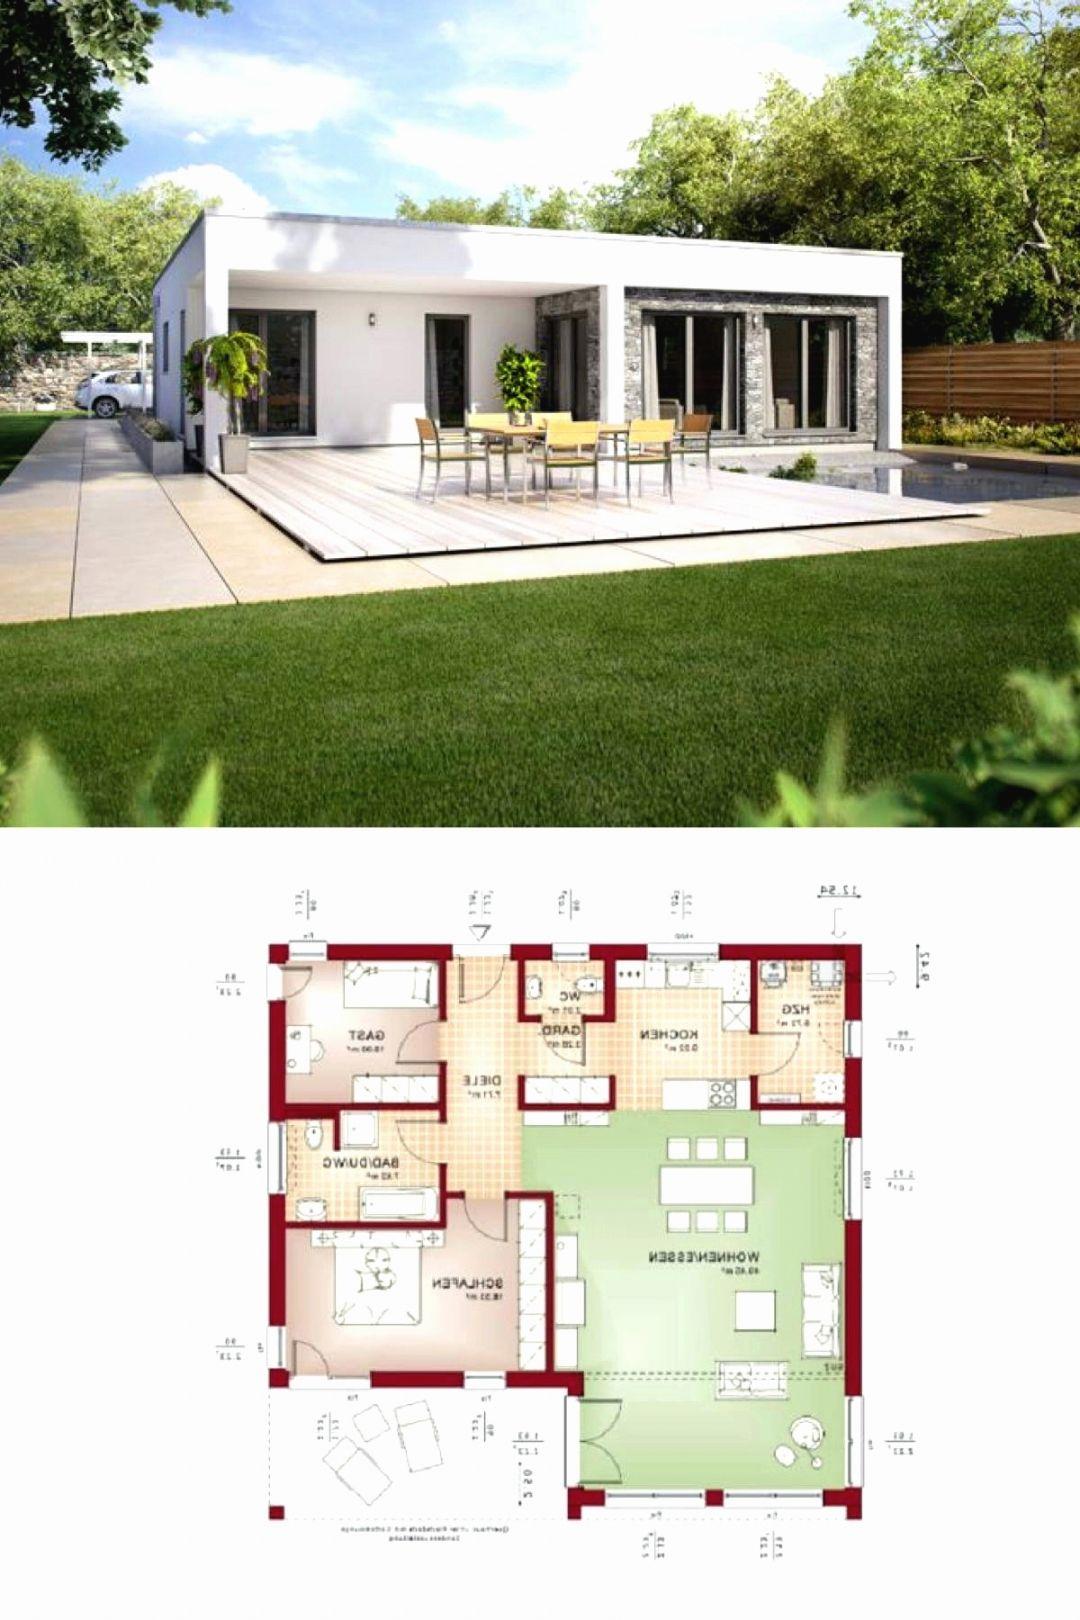 Haus Bauen Grundriss Erstellen 2019 Grundriss Haus